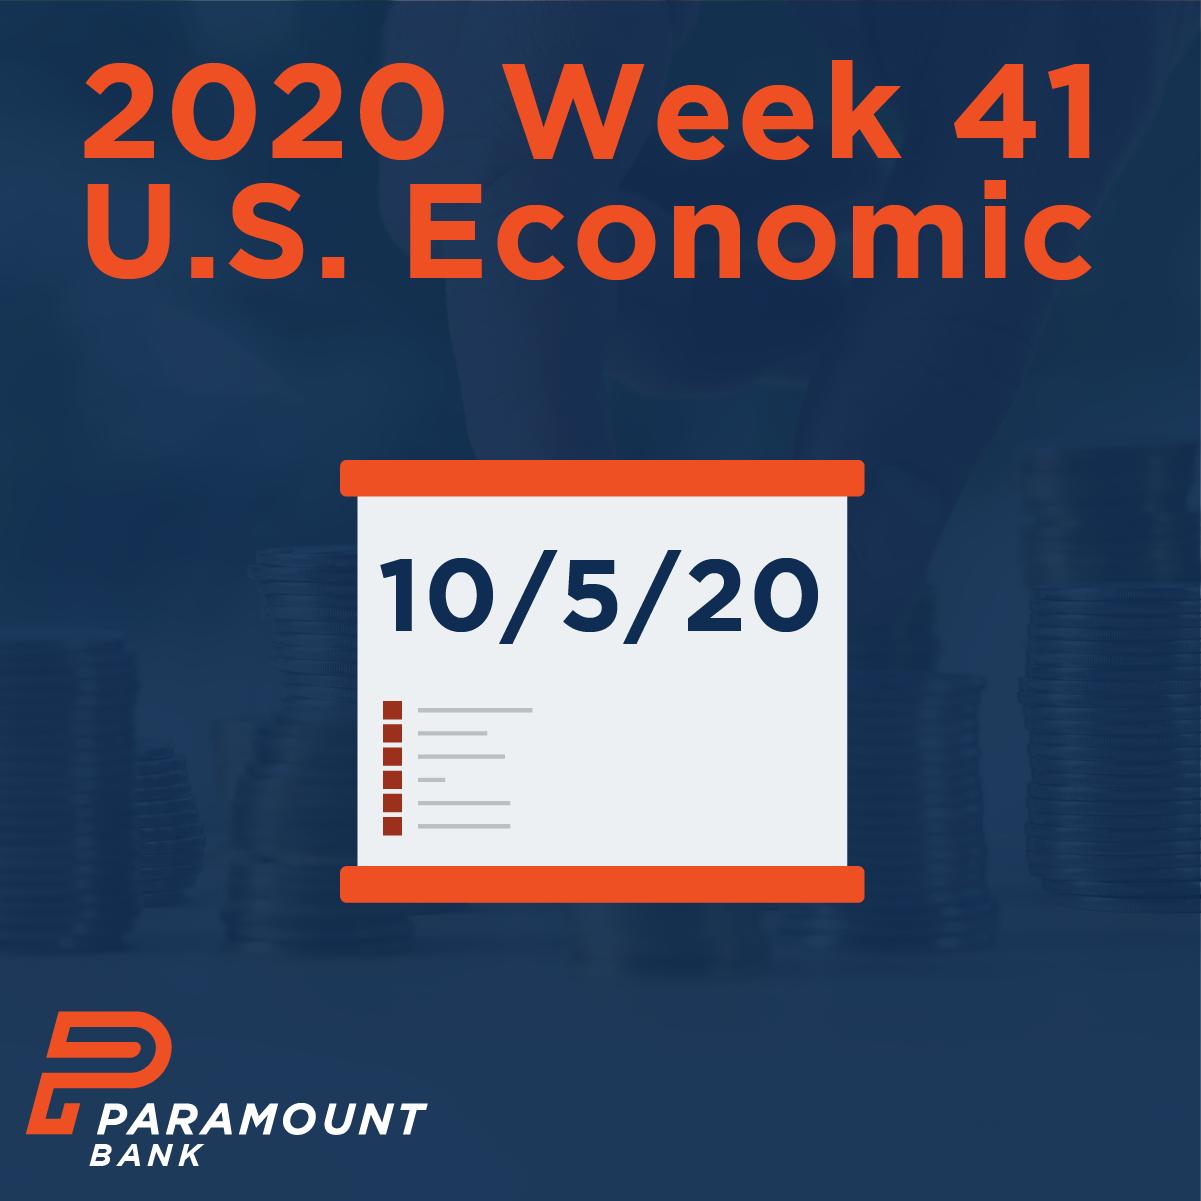 US Economic Update